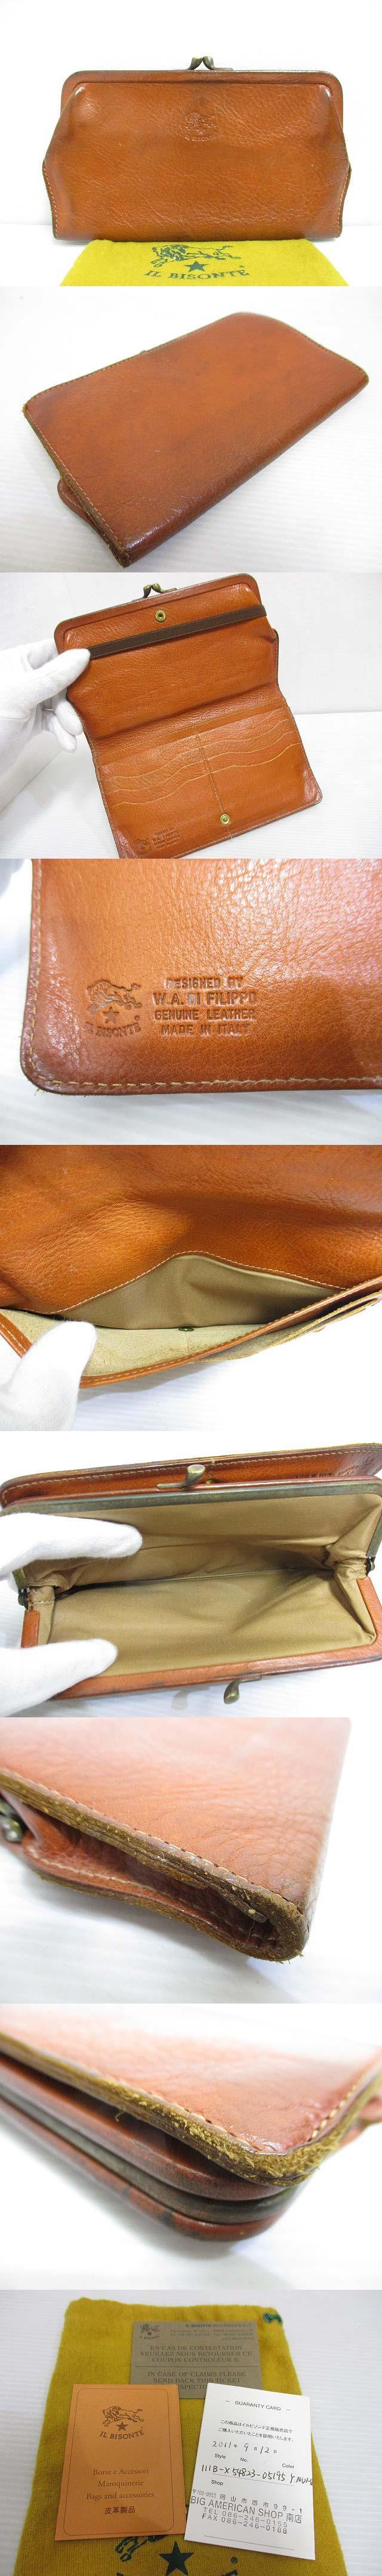 長財布 レザー がま口 二つ折り スナップボタン ロングウォレット 茶 ブラウン Gカード 保存袋付き